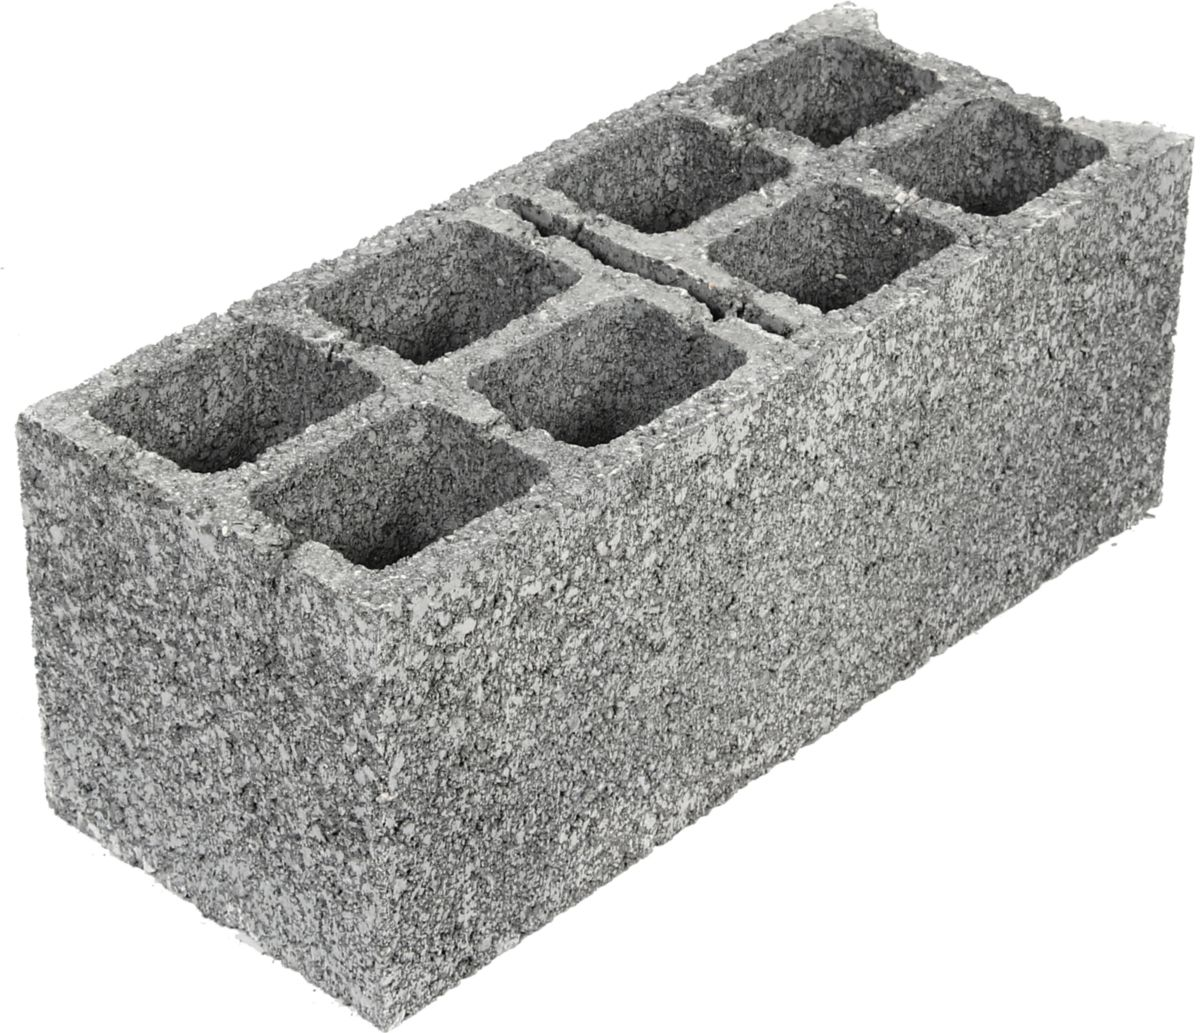 fabemi parpaing bloc creux b ton fabemi ce2 nf classe. Black Bedroom Furniture Sets. Home Design Ideas